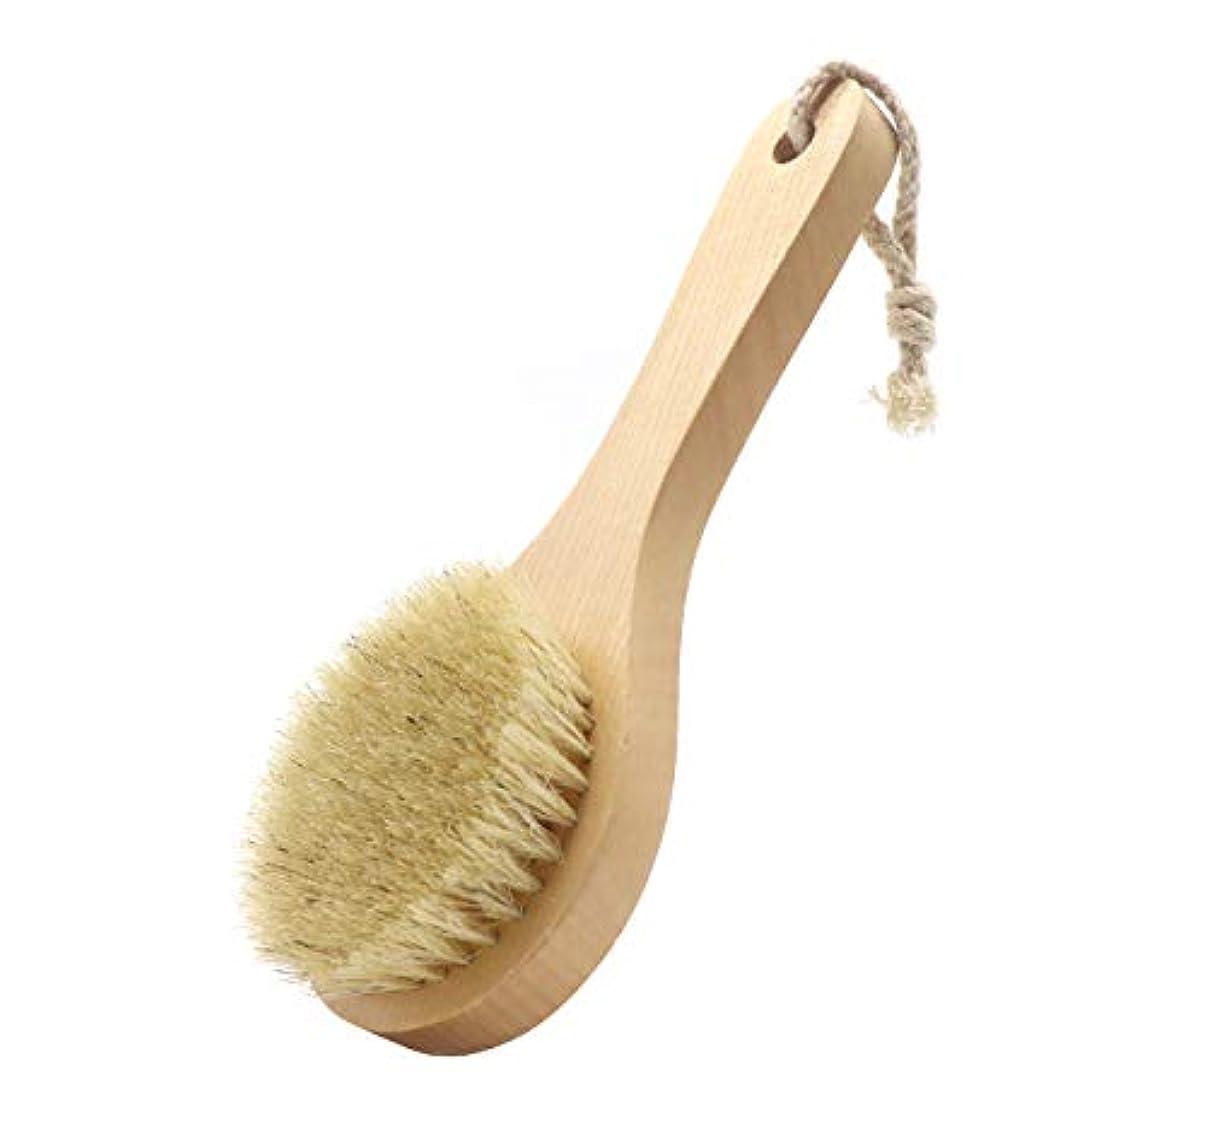 ジョージスティーブンソン余暇ジャベスウィルソンMaltose ボディブラシ 豚毛100% 木製 天然素材 短柄 硬め 足を洗う 体洗いブラシ 角質除去 美肌 お風呂グッズ (B:20 * 8CM)